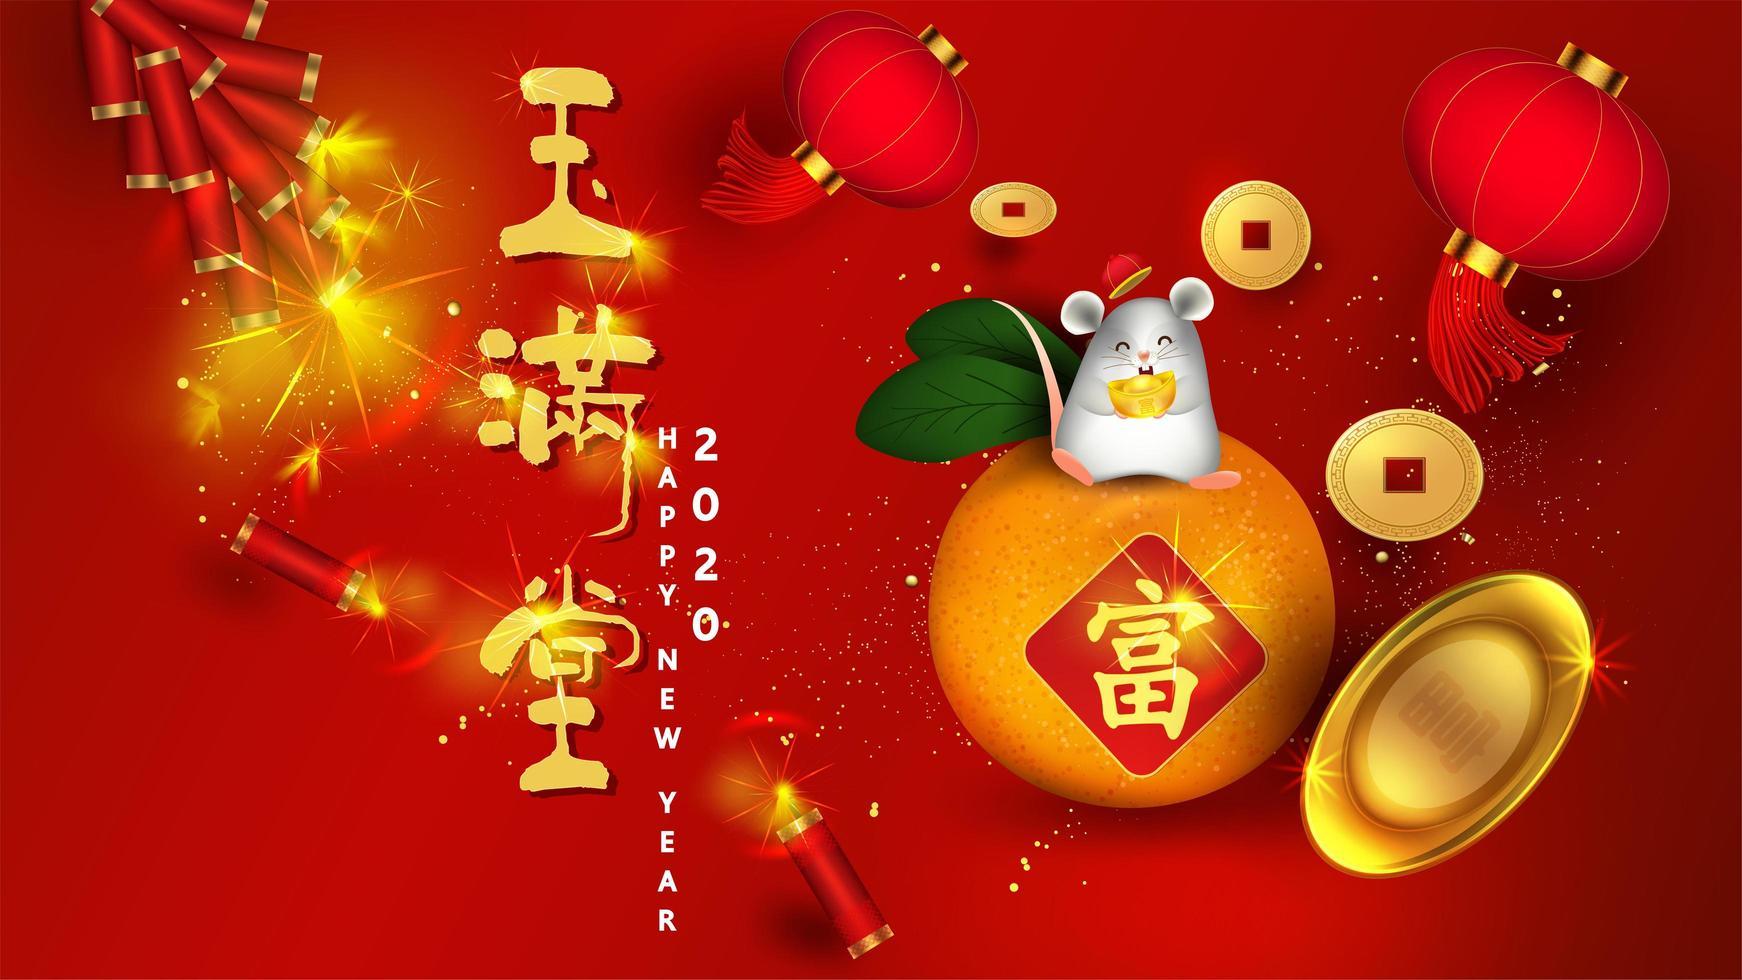 Hintergrund des Chinesischen Neujahrsfests mit der Ratte, die auf Frucht sitzt vektor